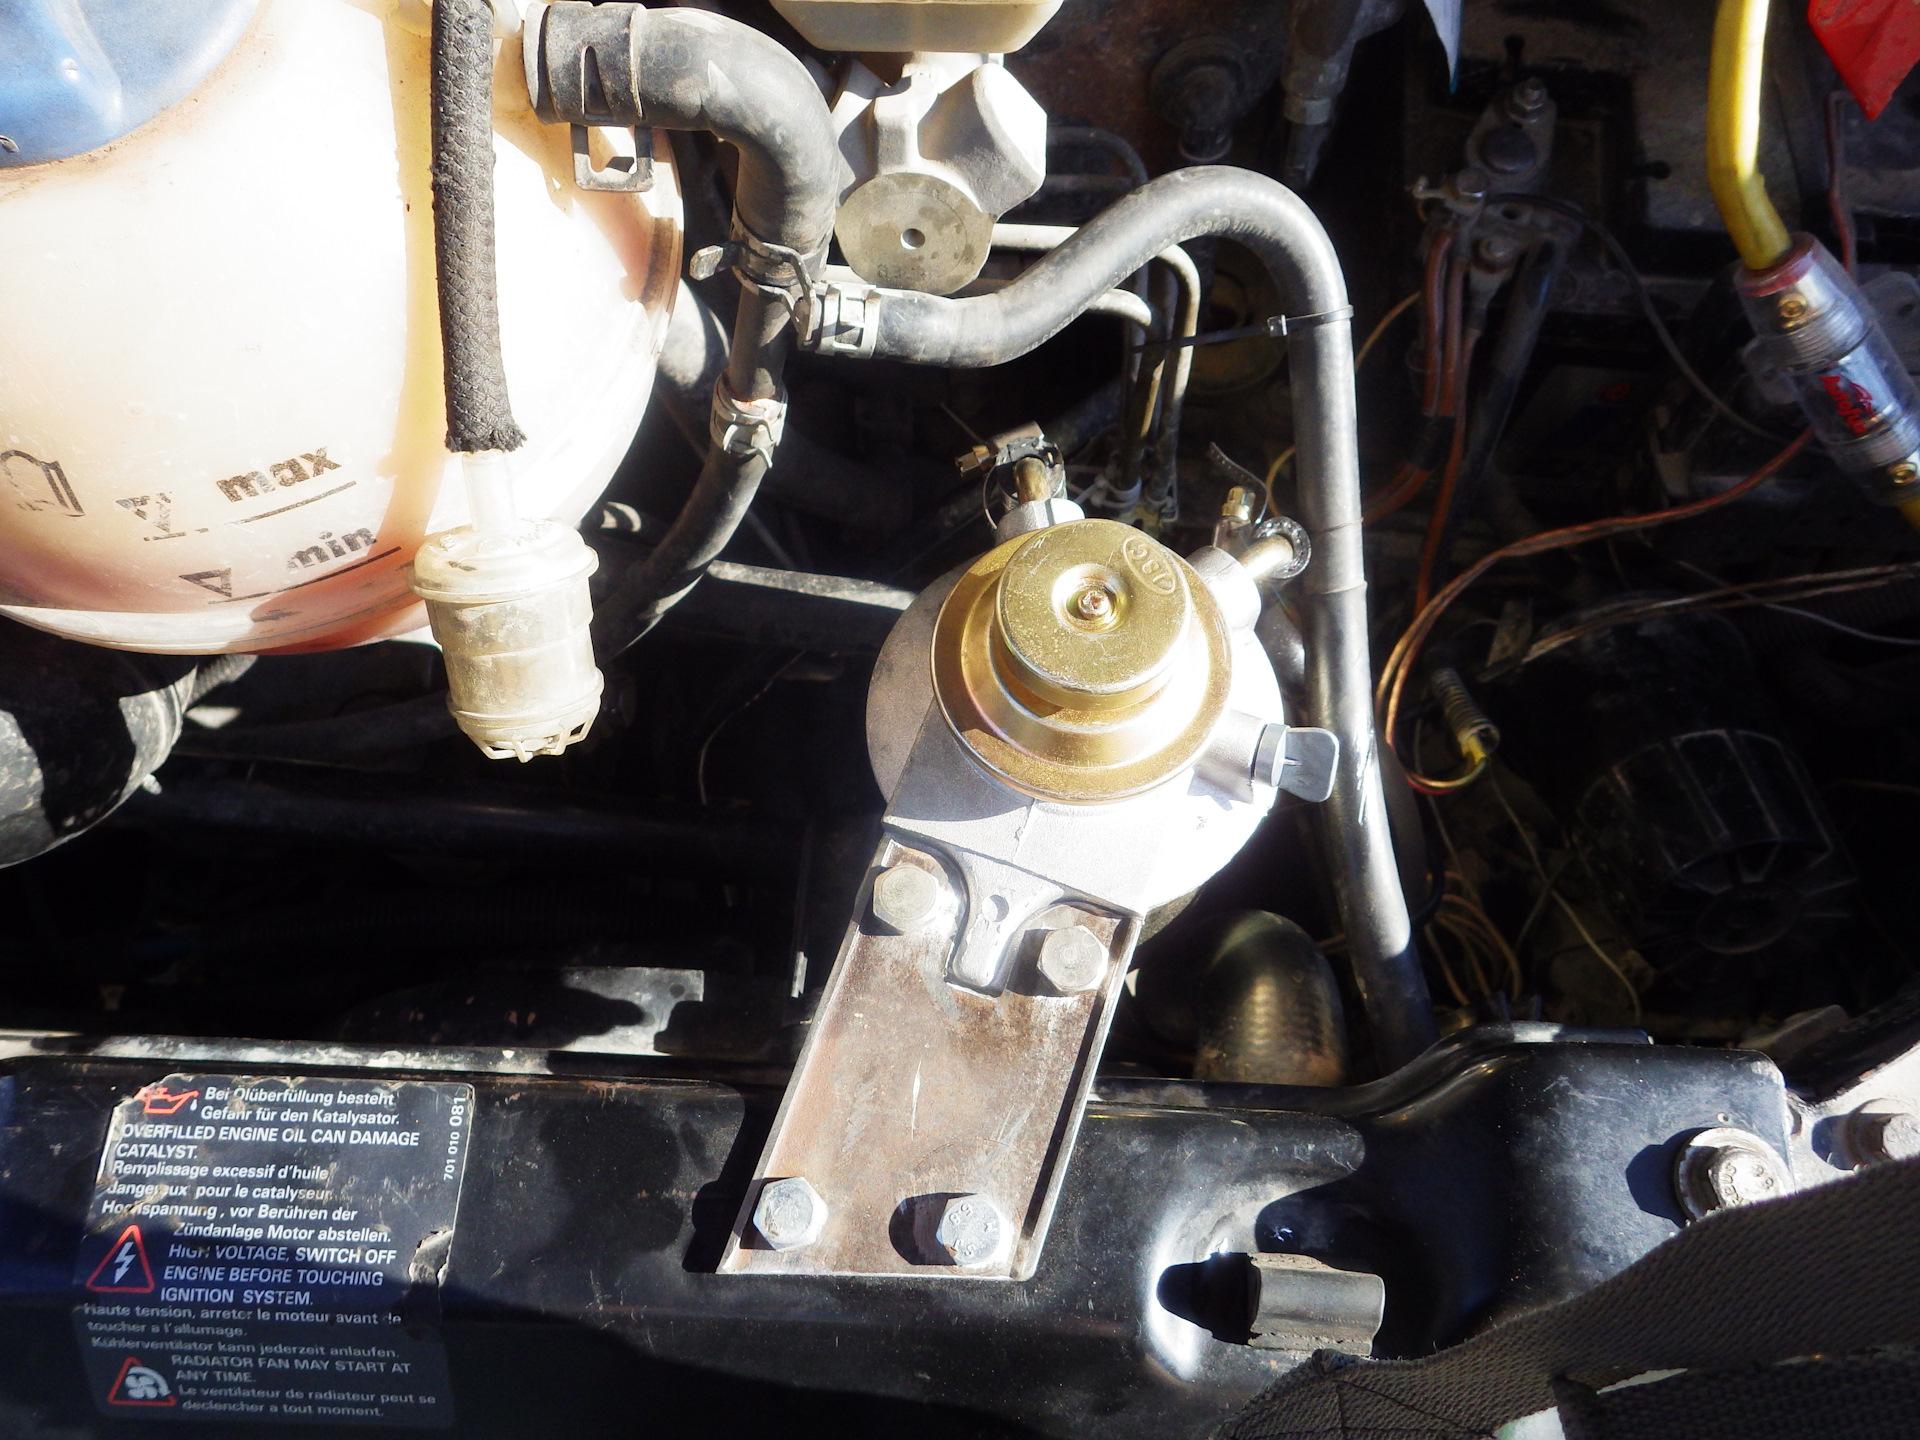 Замена топливного фильтра на фольксваген транспортер т4 фольксваген транспортер т4 автобус